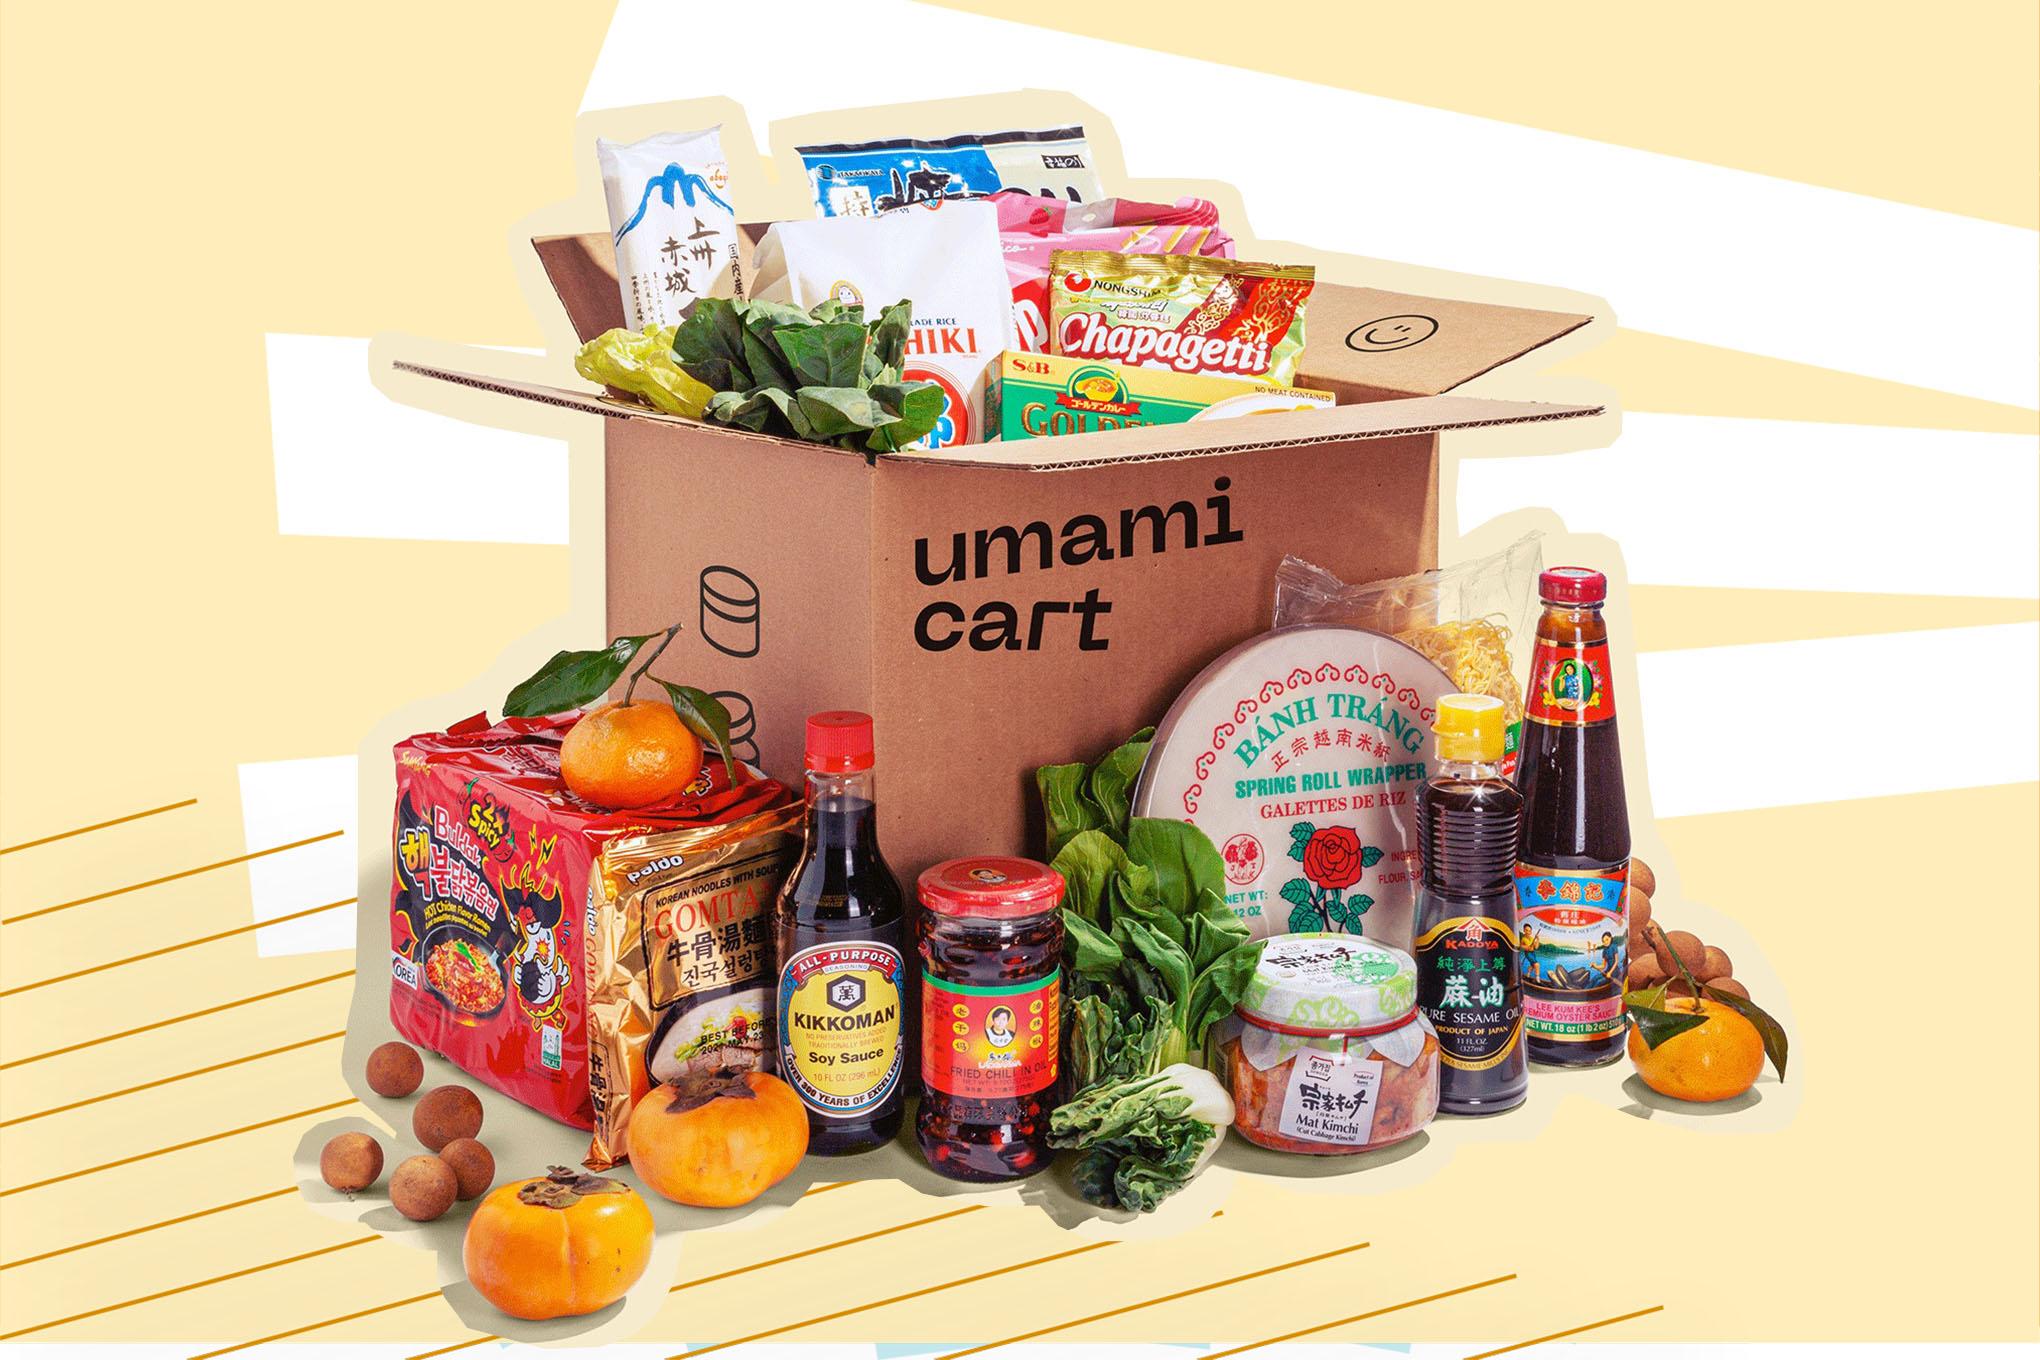 Umamicart Box